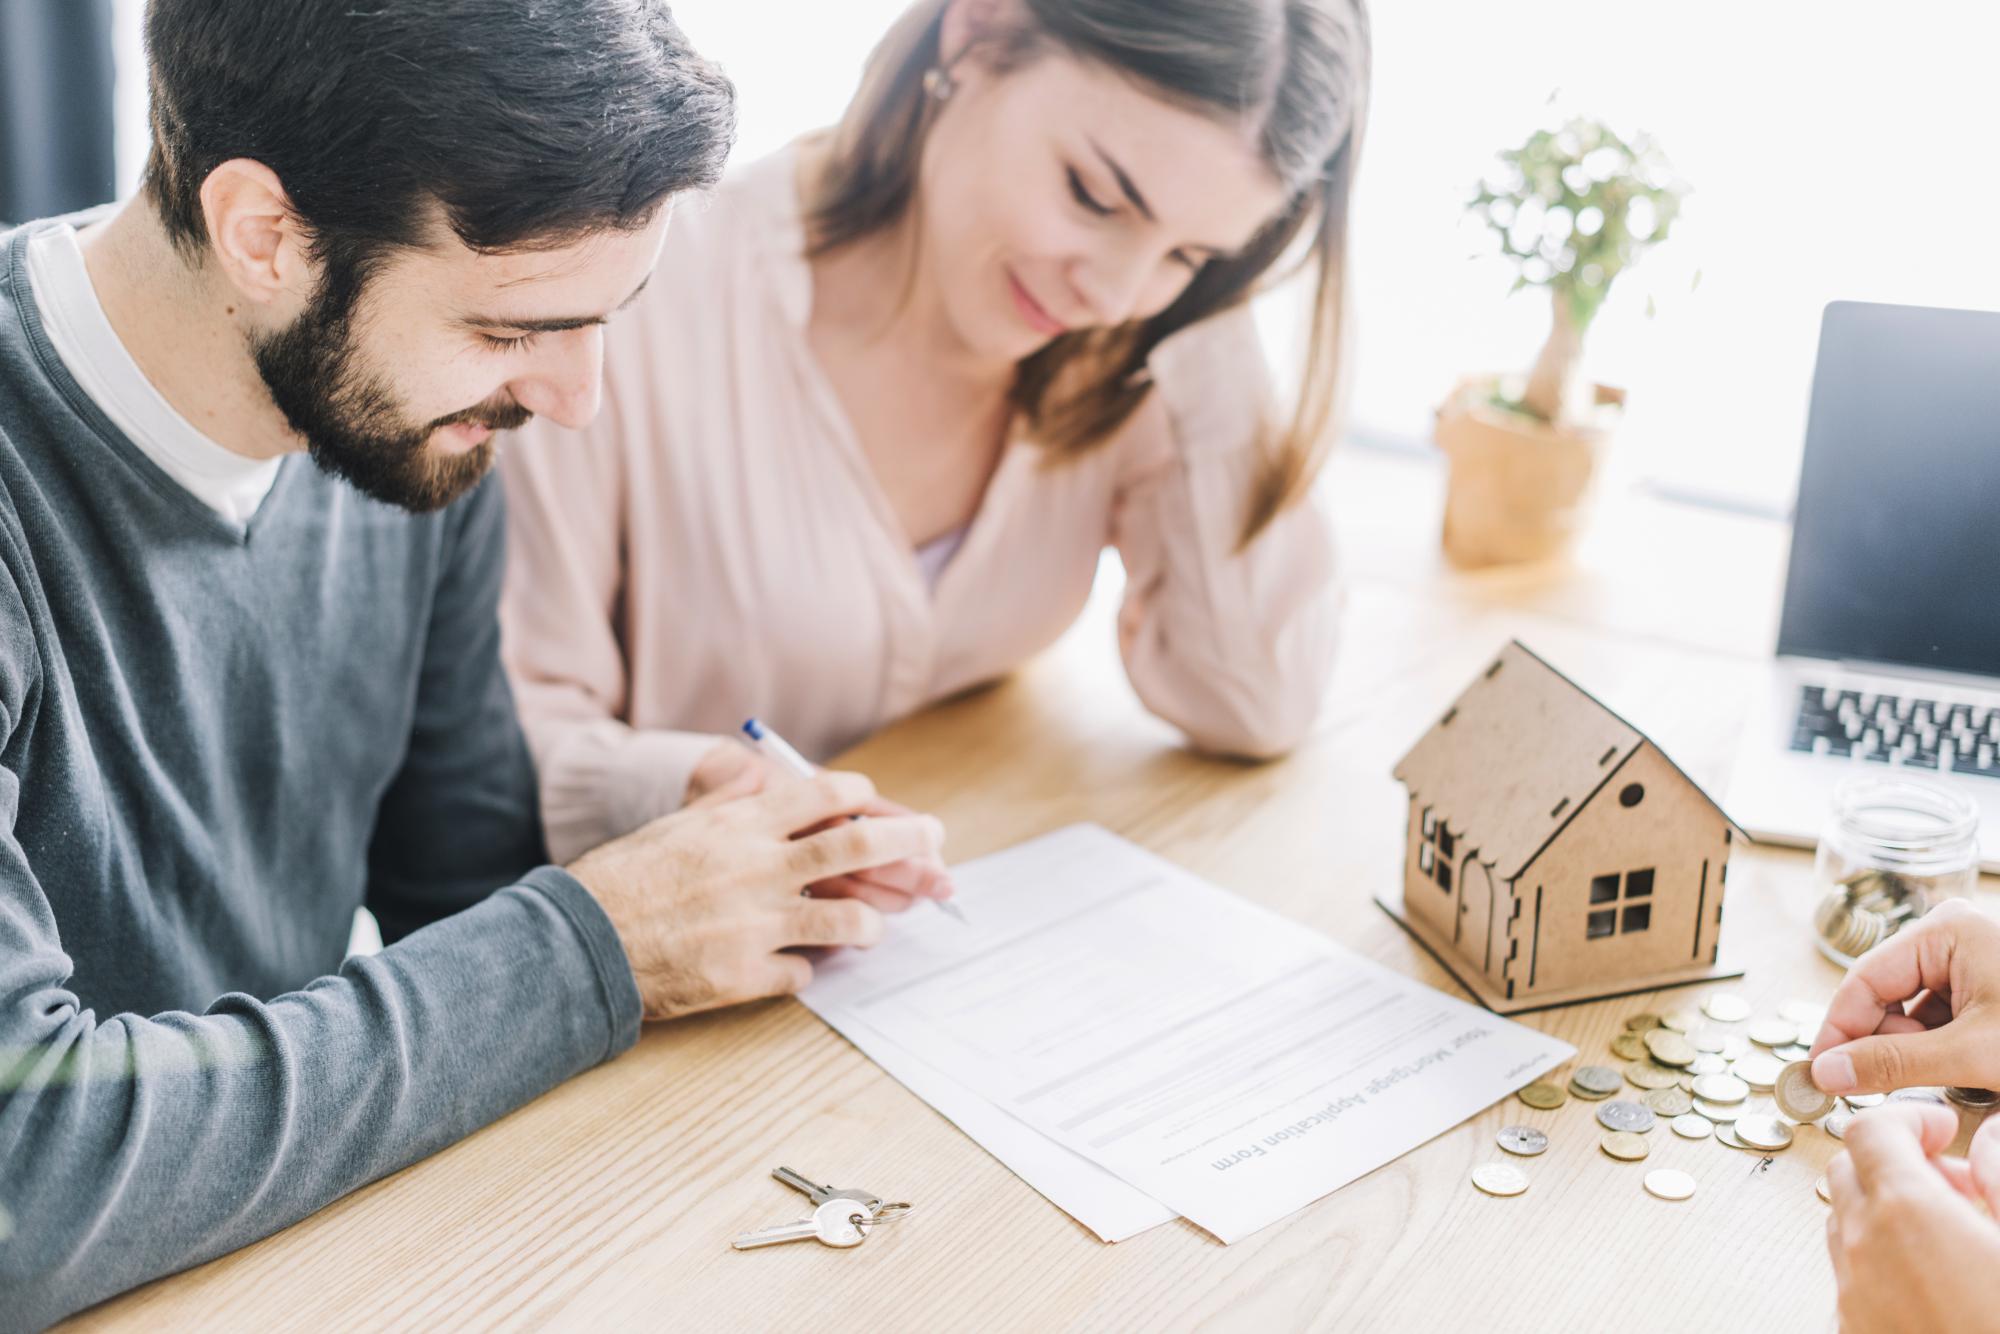 Подписан документ поувеличениюмаксимальной суммыльготной ипотеки